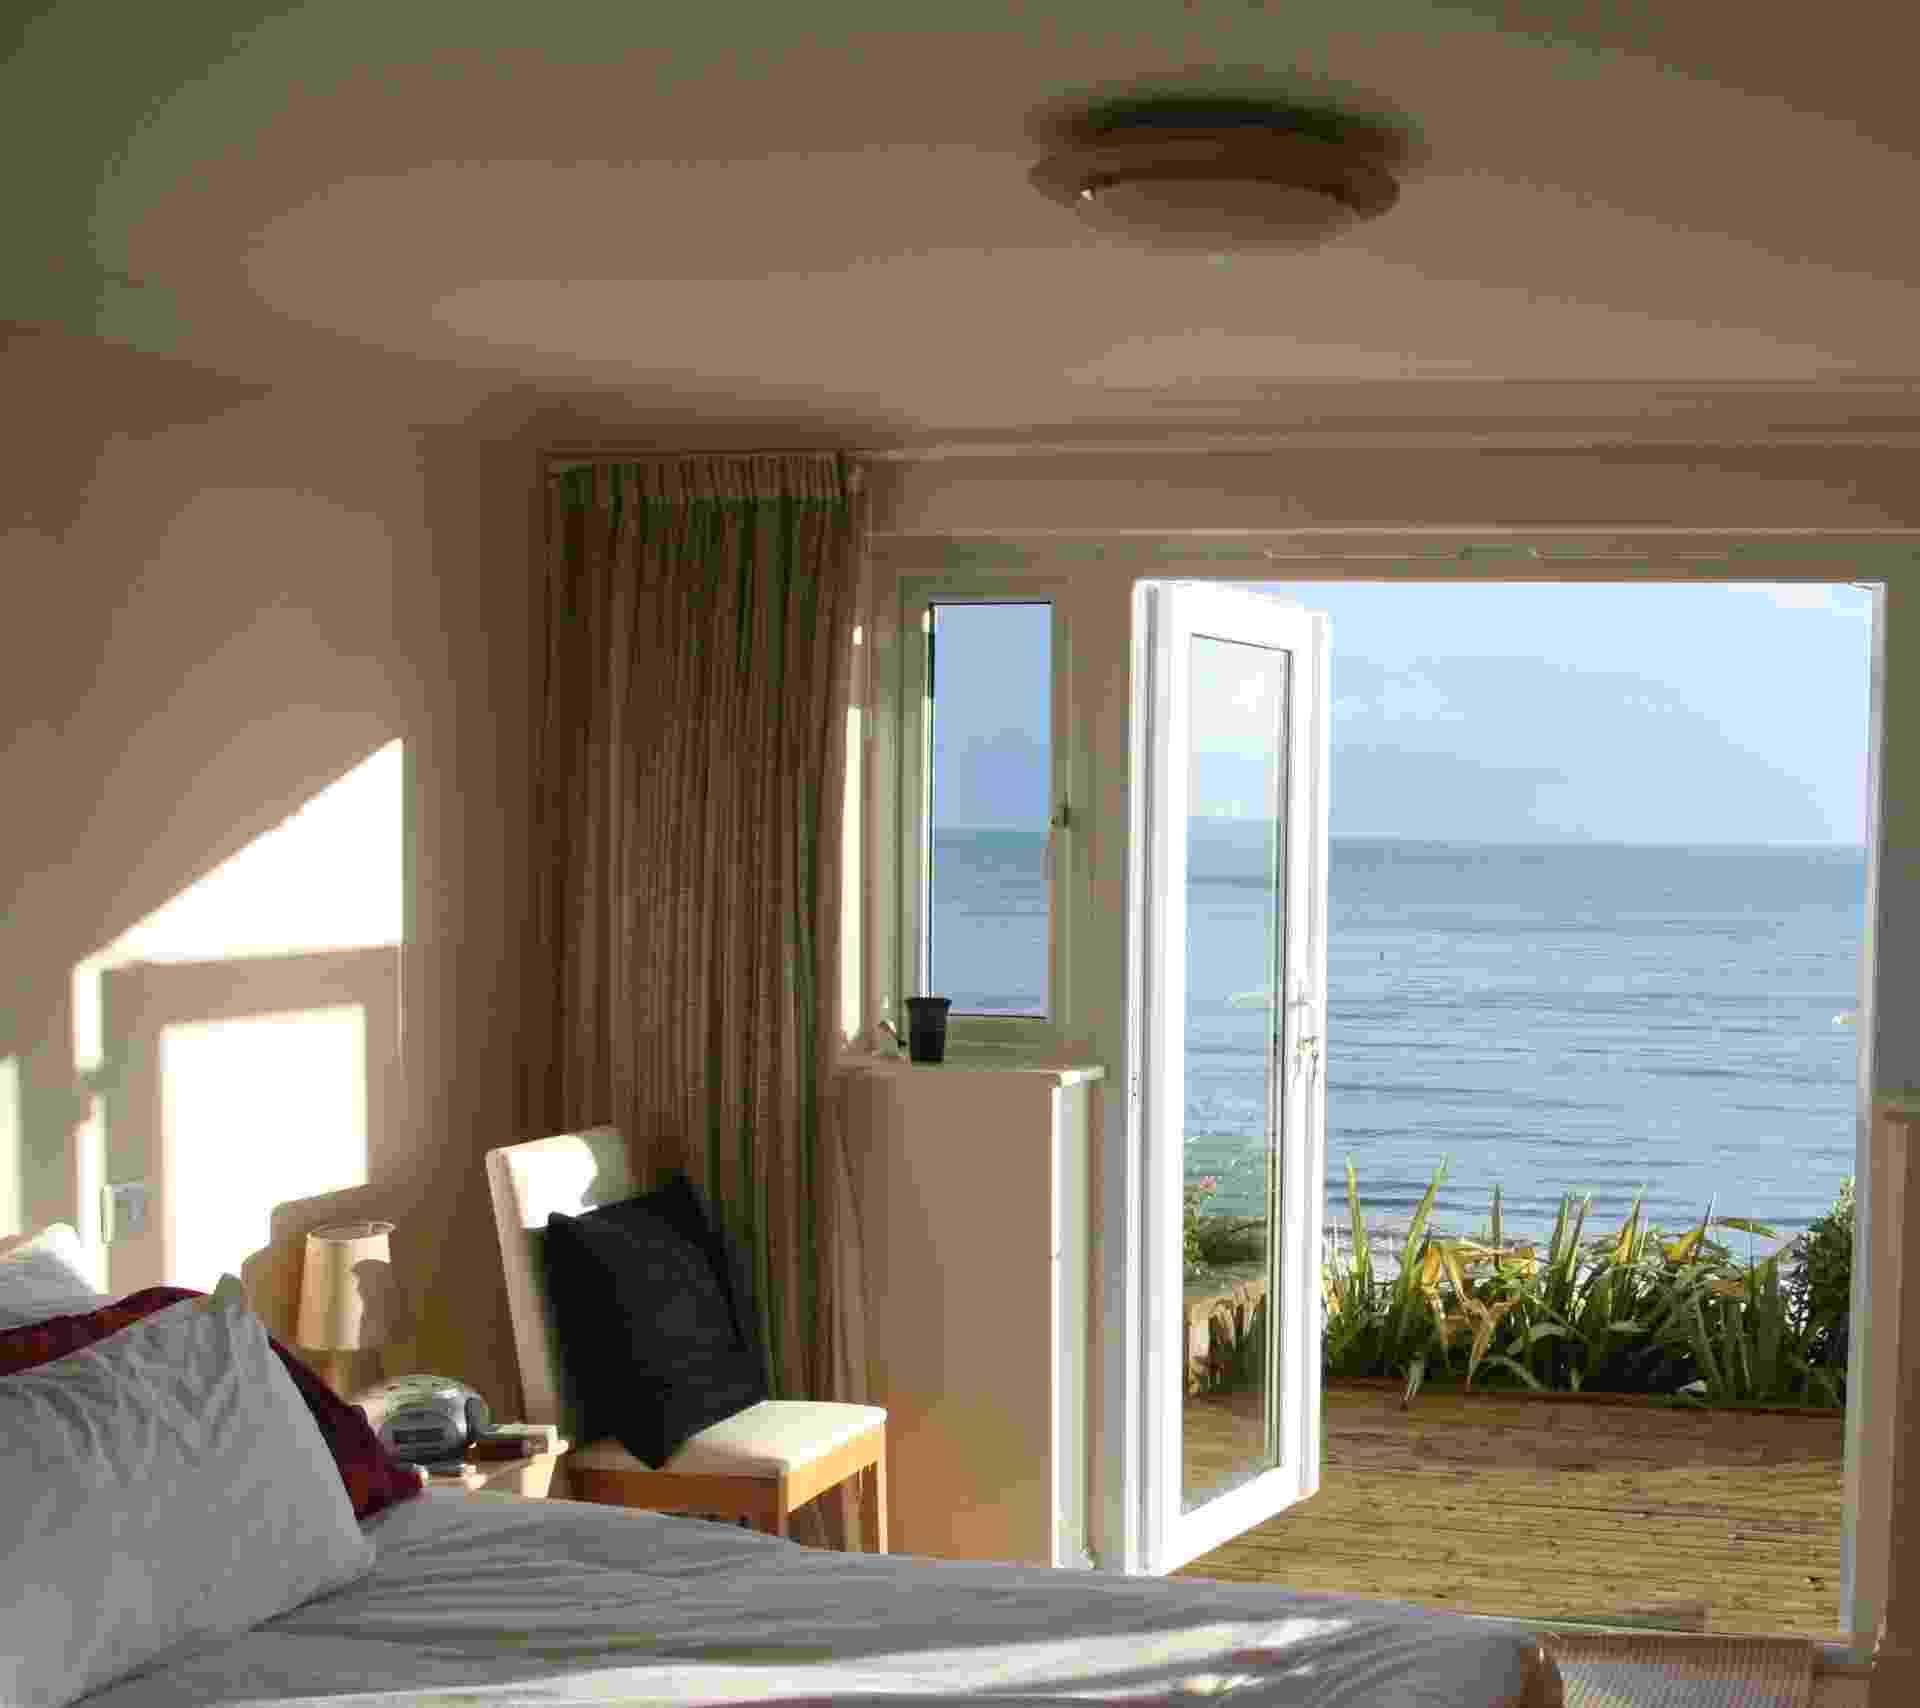 Veja 11 dicas para quem pensa em construir, reformar ou decorar casas de praia - Considere a direção do sol antes de definir a planta - Getty Images